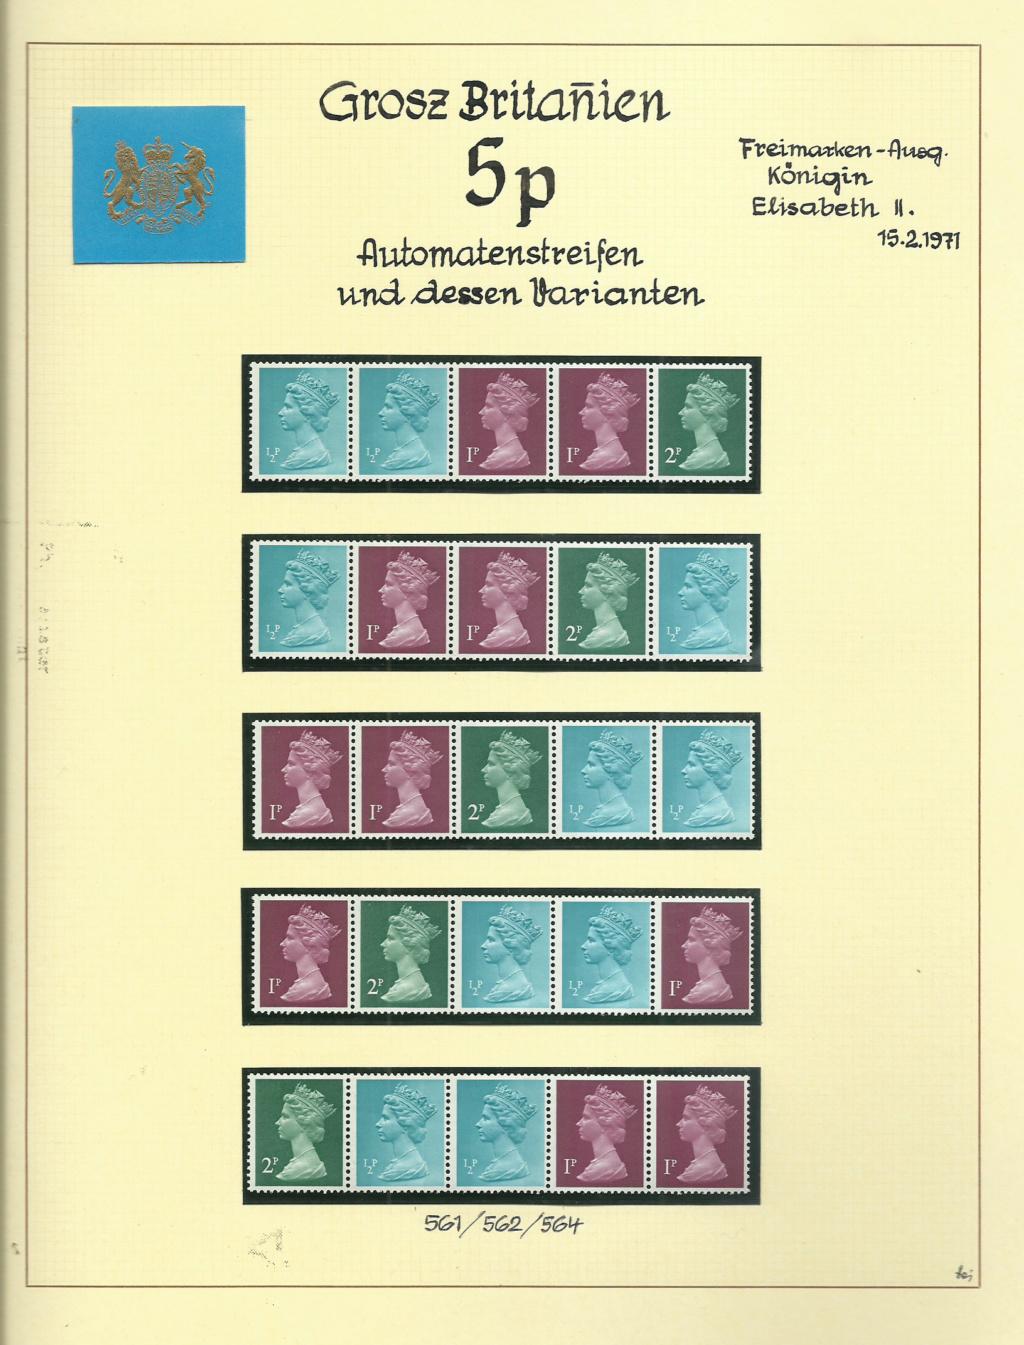 Großbritannien - 5 p Automatenstreifen Gb_5_p10